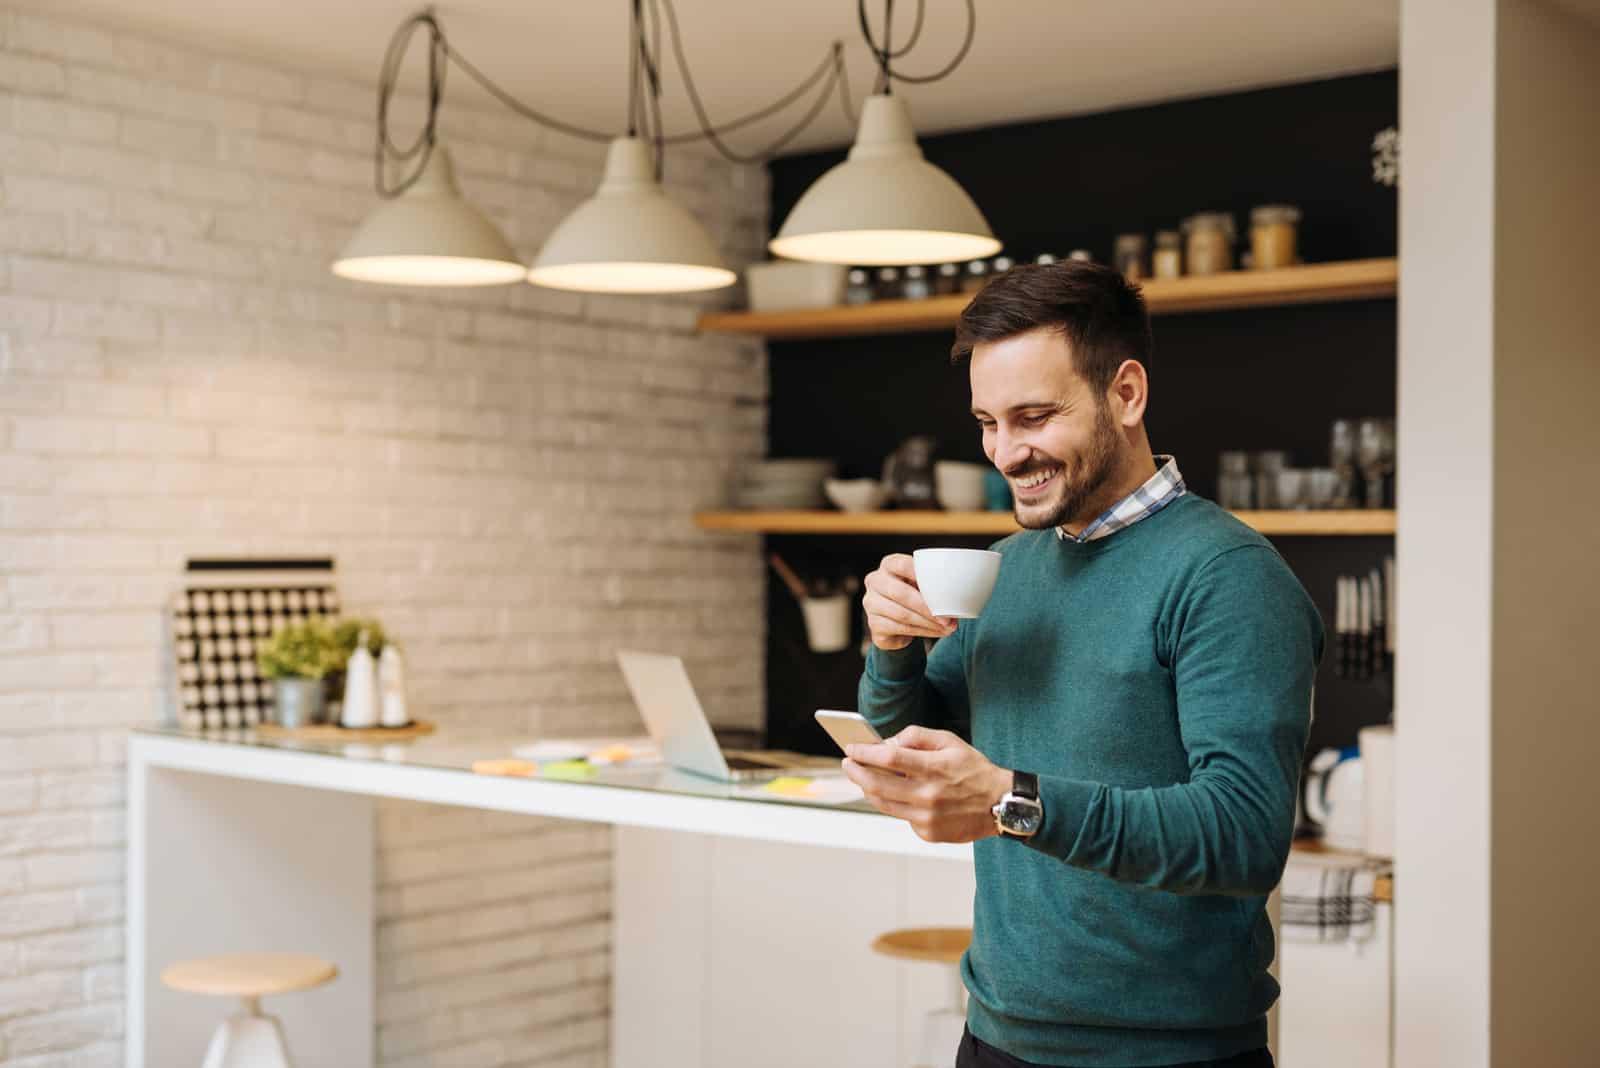 un homme est debout dans la cuisine, buvant du café et tenant un téléphone à la main